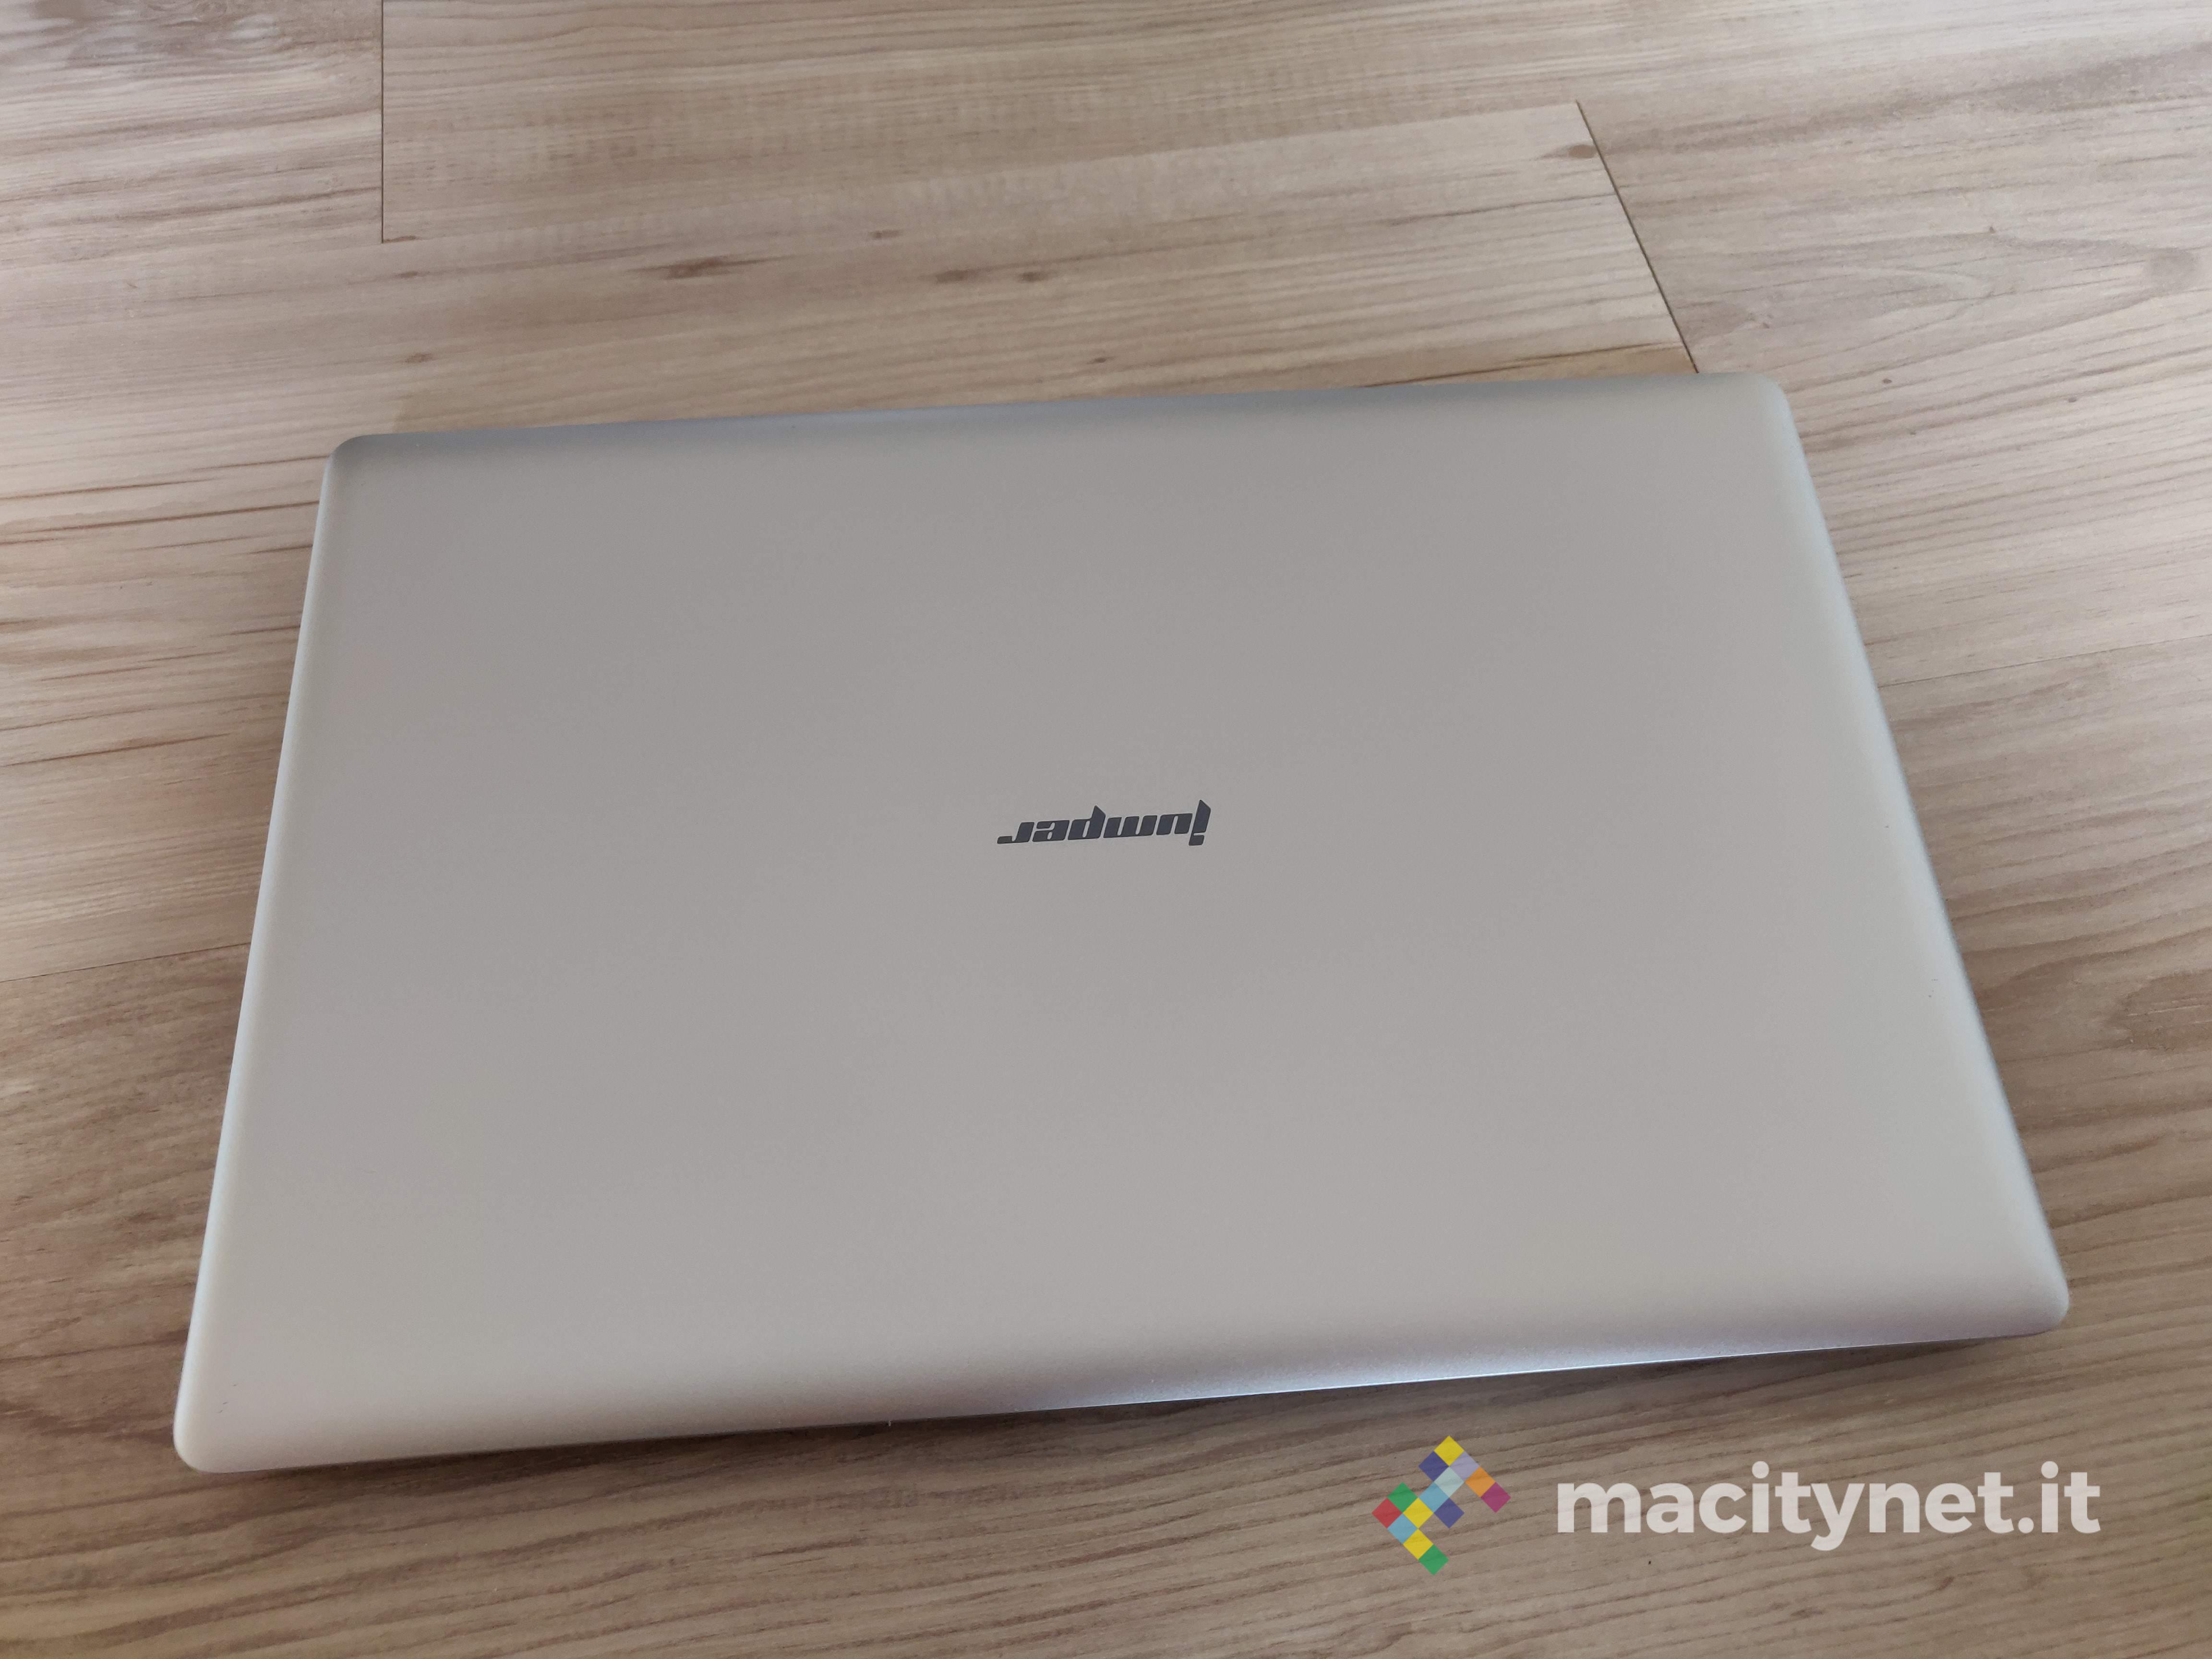 Recensione Jumper EZbook S4, con SSD e 8 GB di RAM